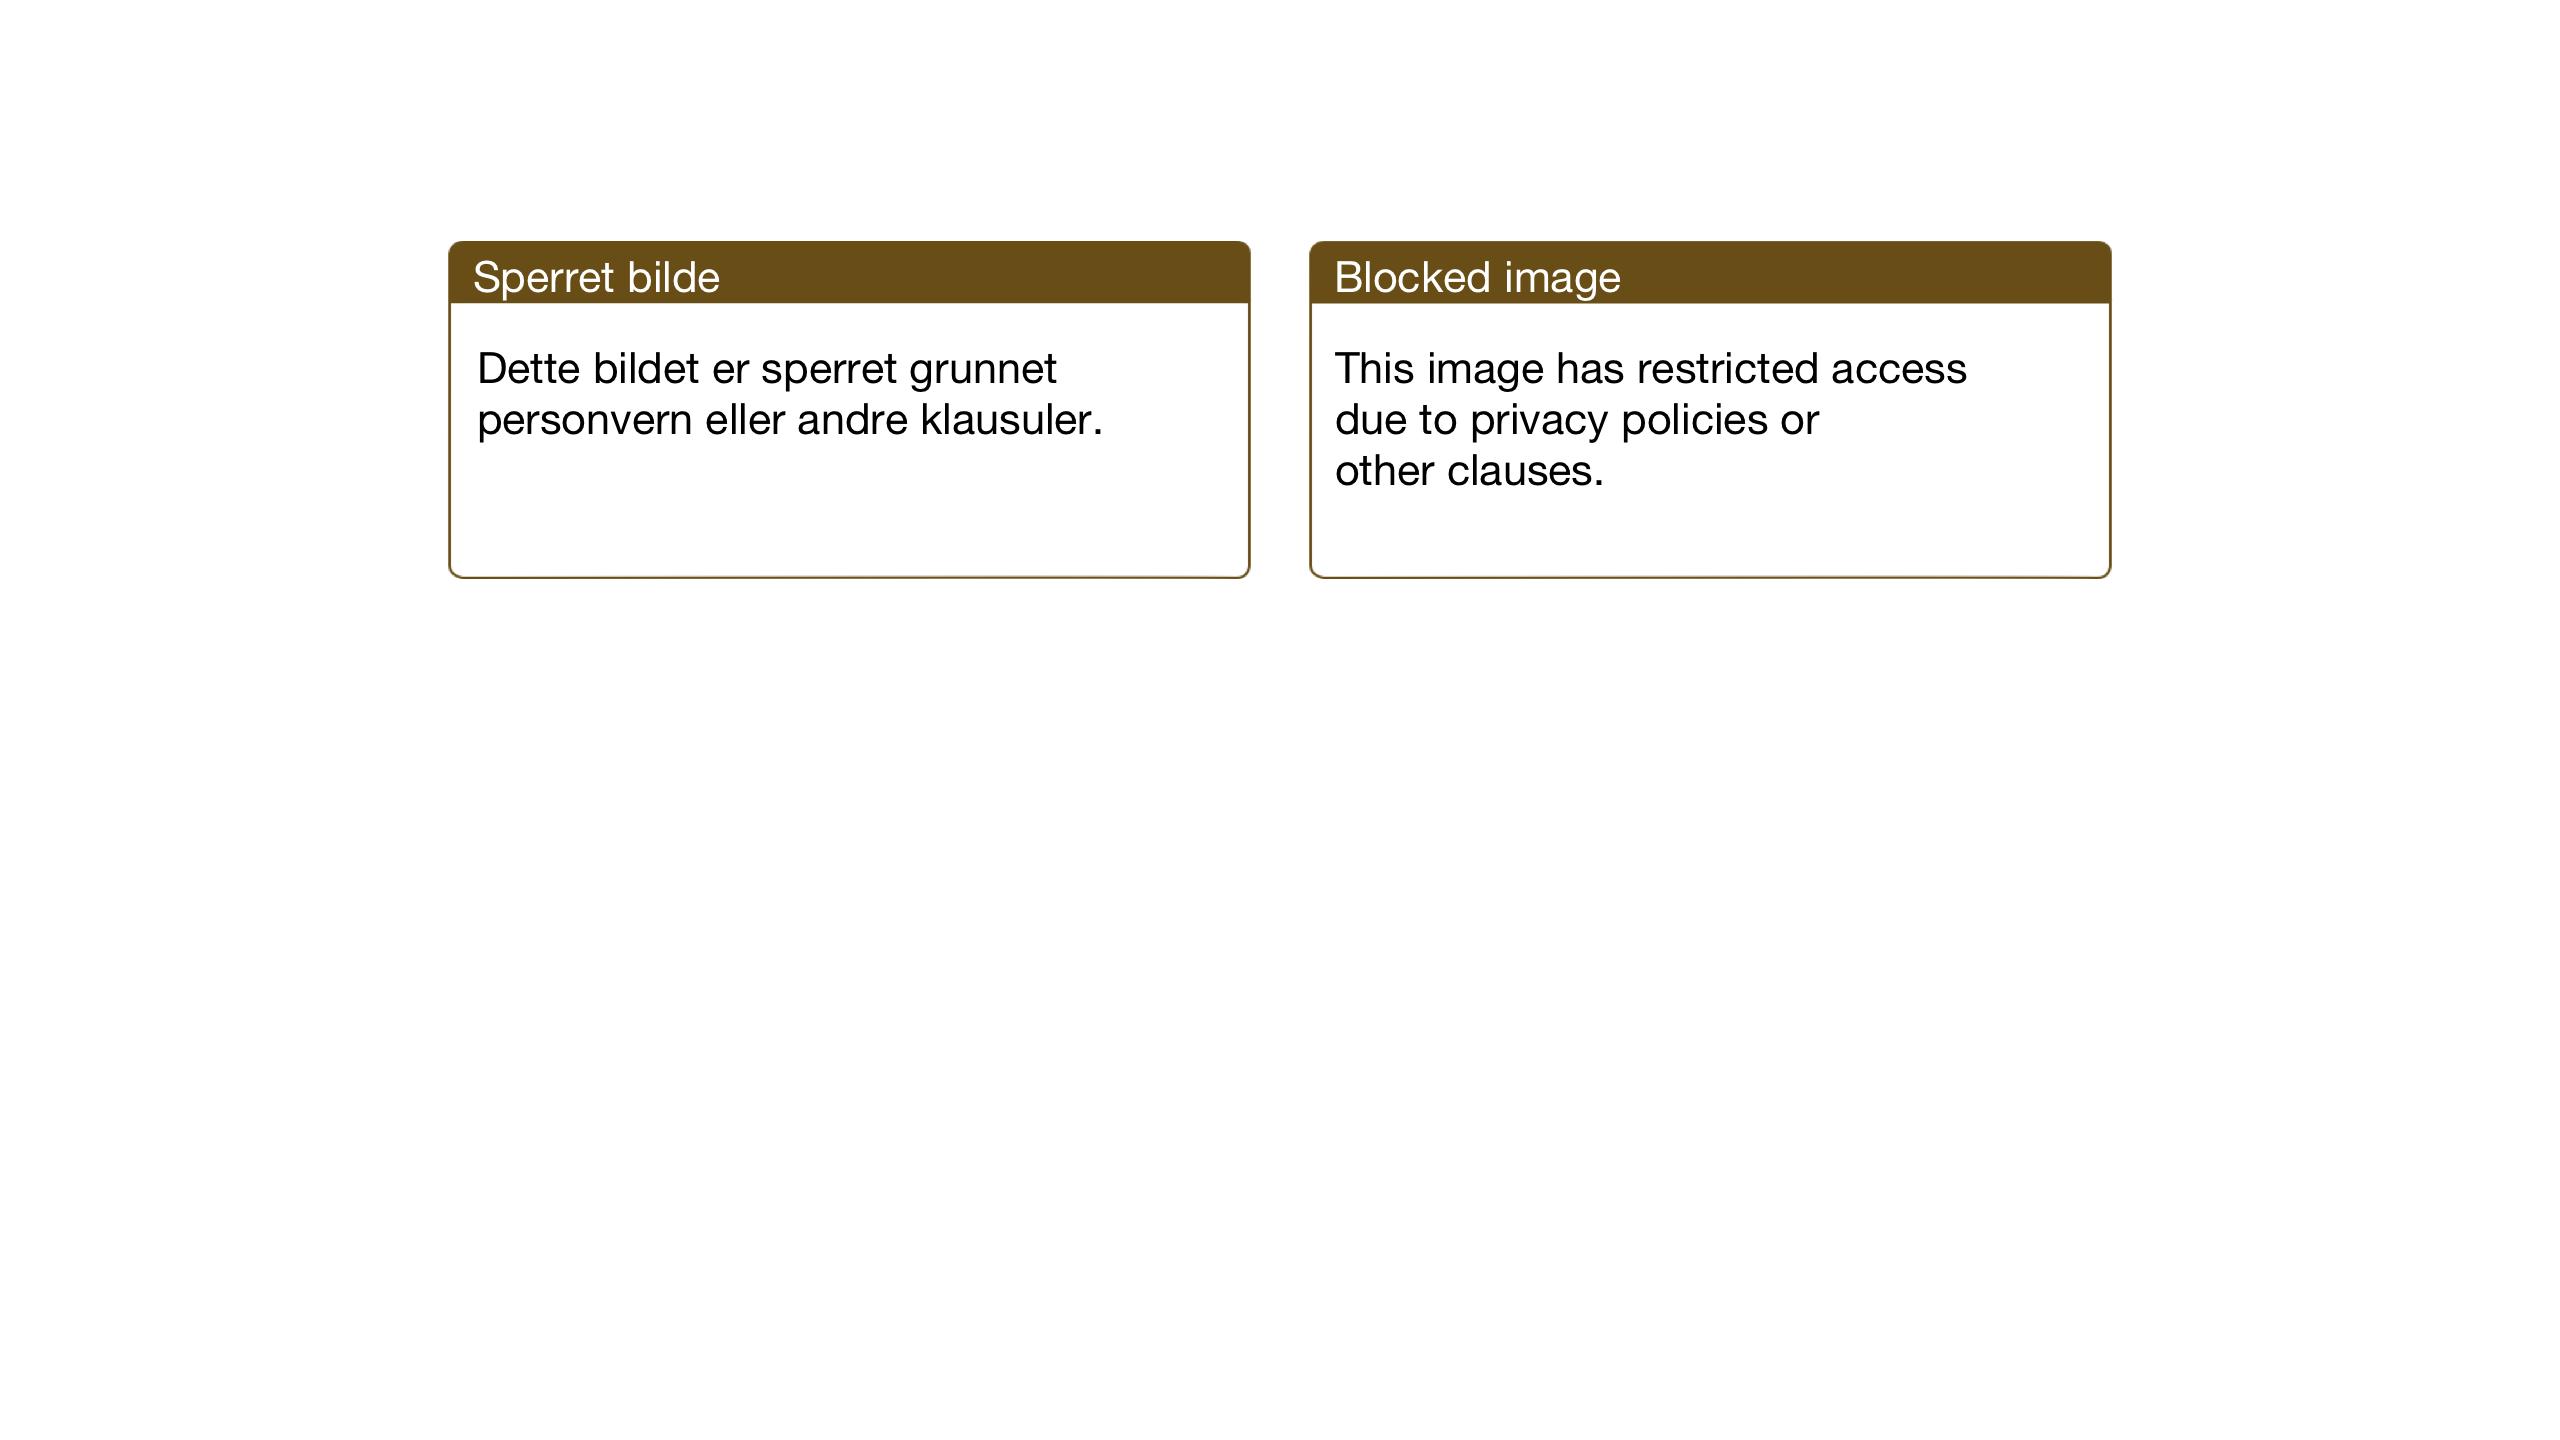 SAT, Ministerialprotokoller, klokkerbøker og fødselsregistre - Sør-Trøndelag, 606/L0315: Klokkerbok nr. 606C11, 1938-1947, s. 9